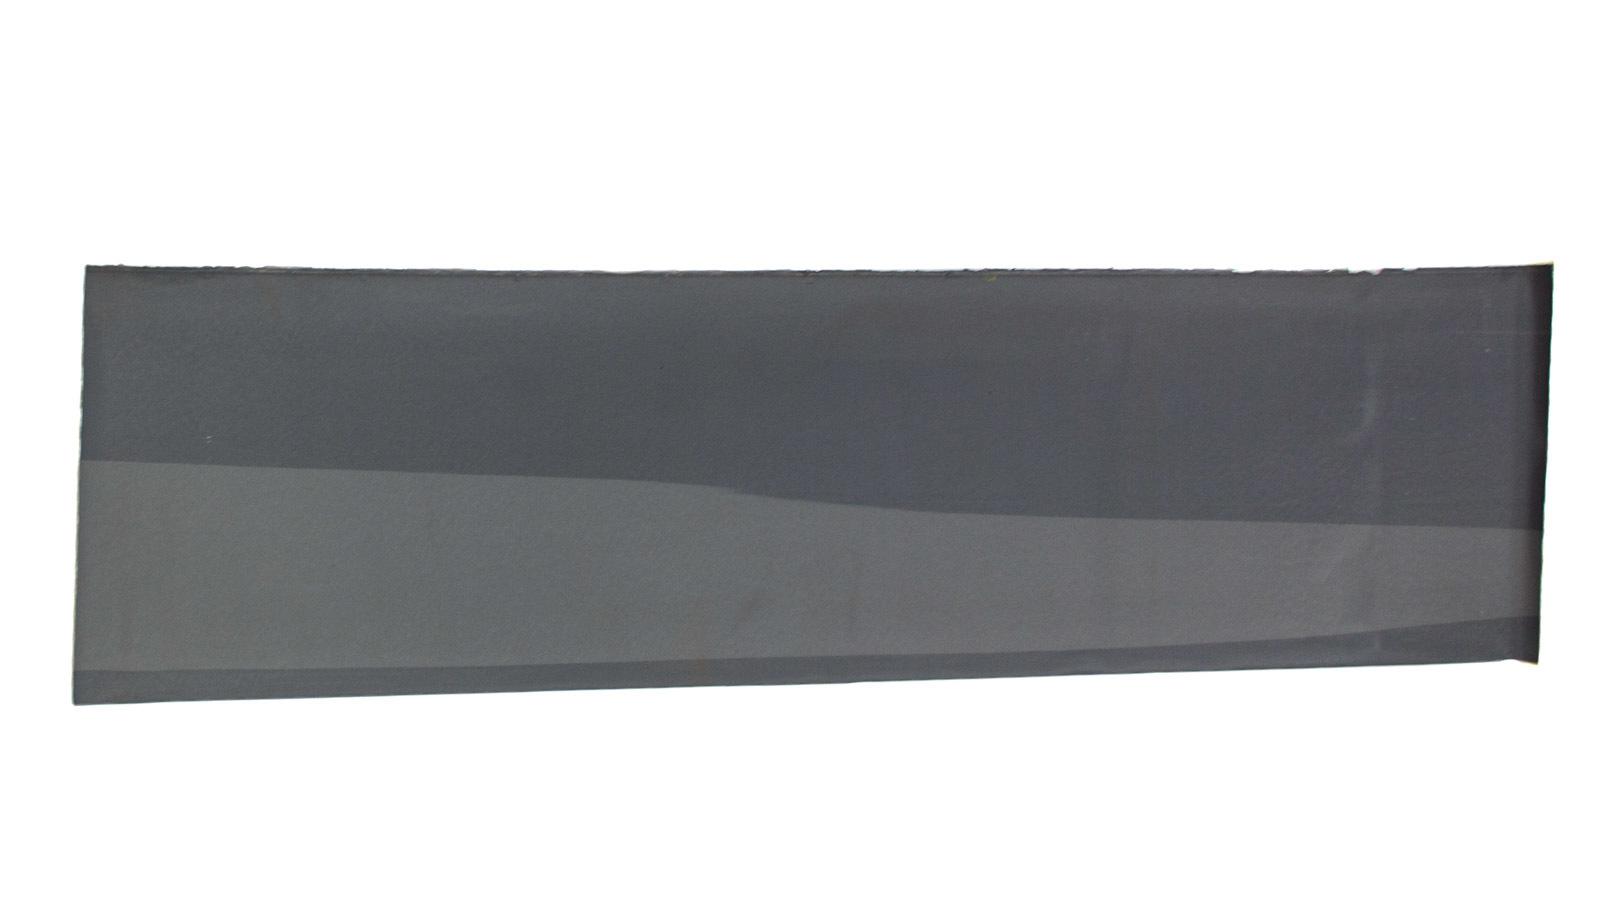 30in X 120in (10 FT)